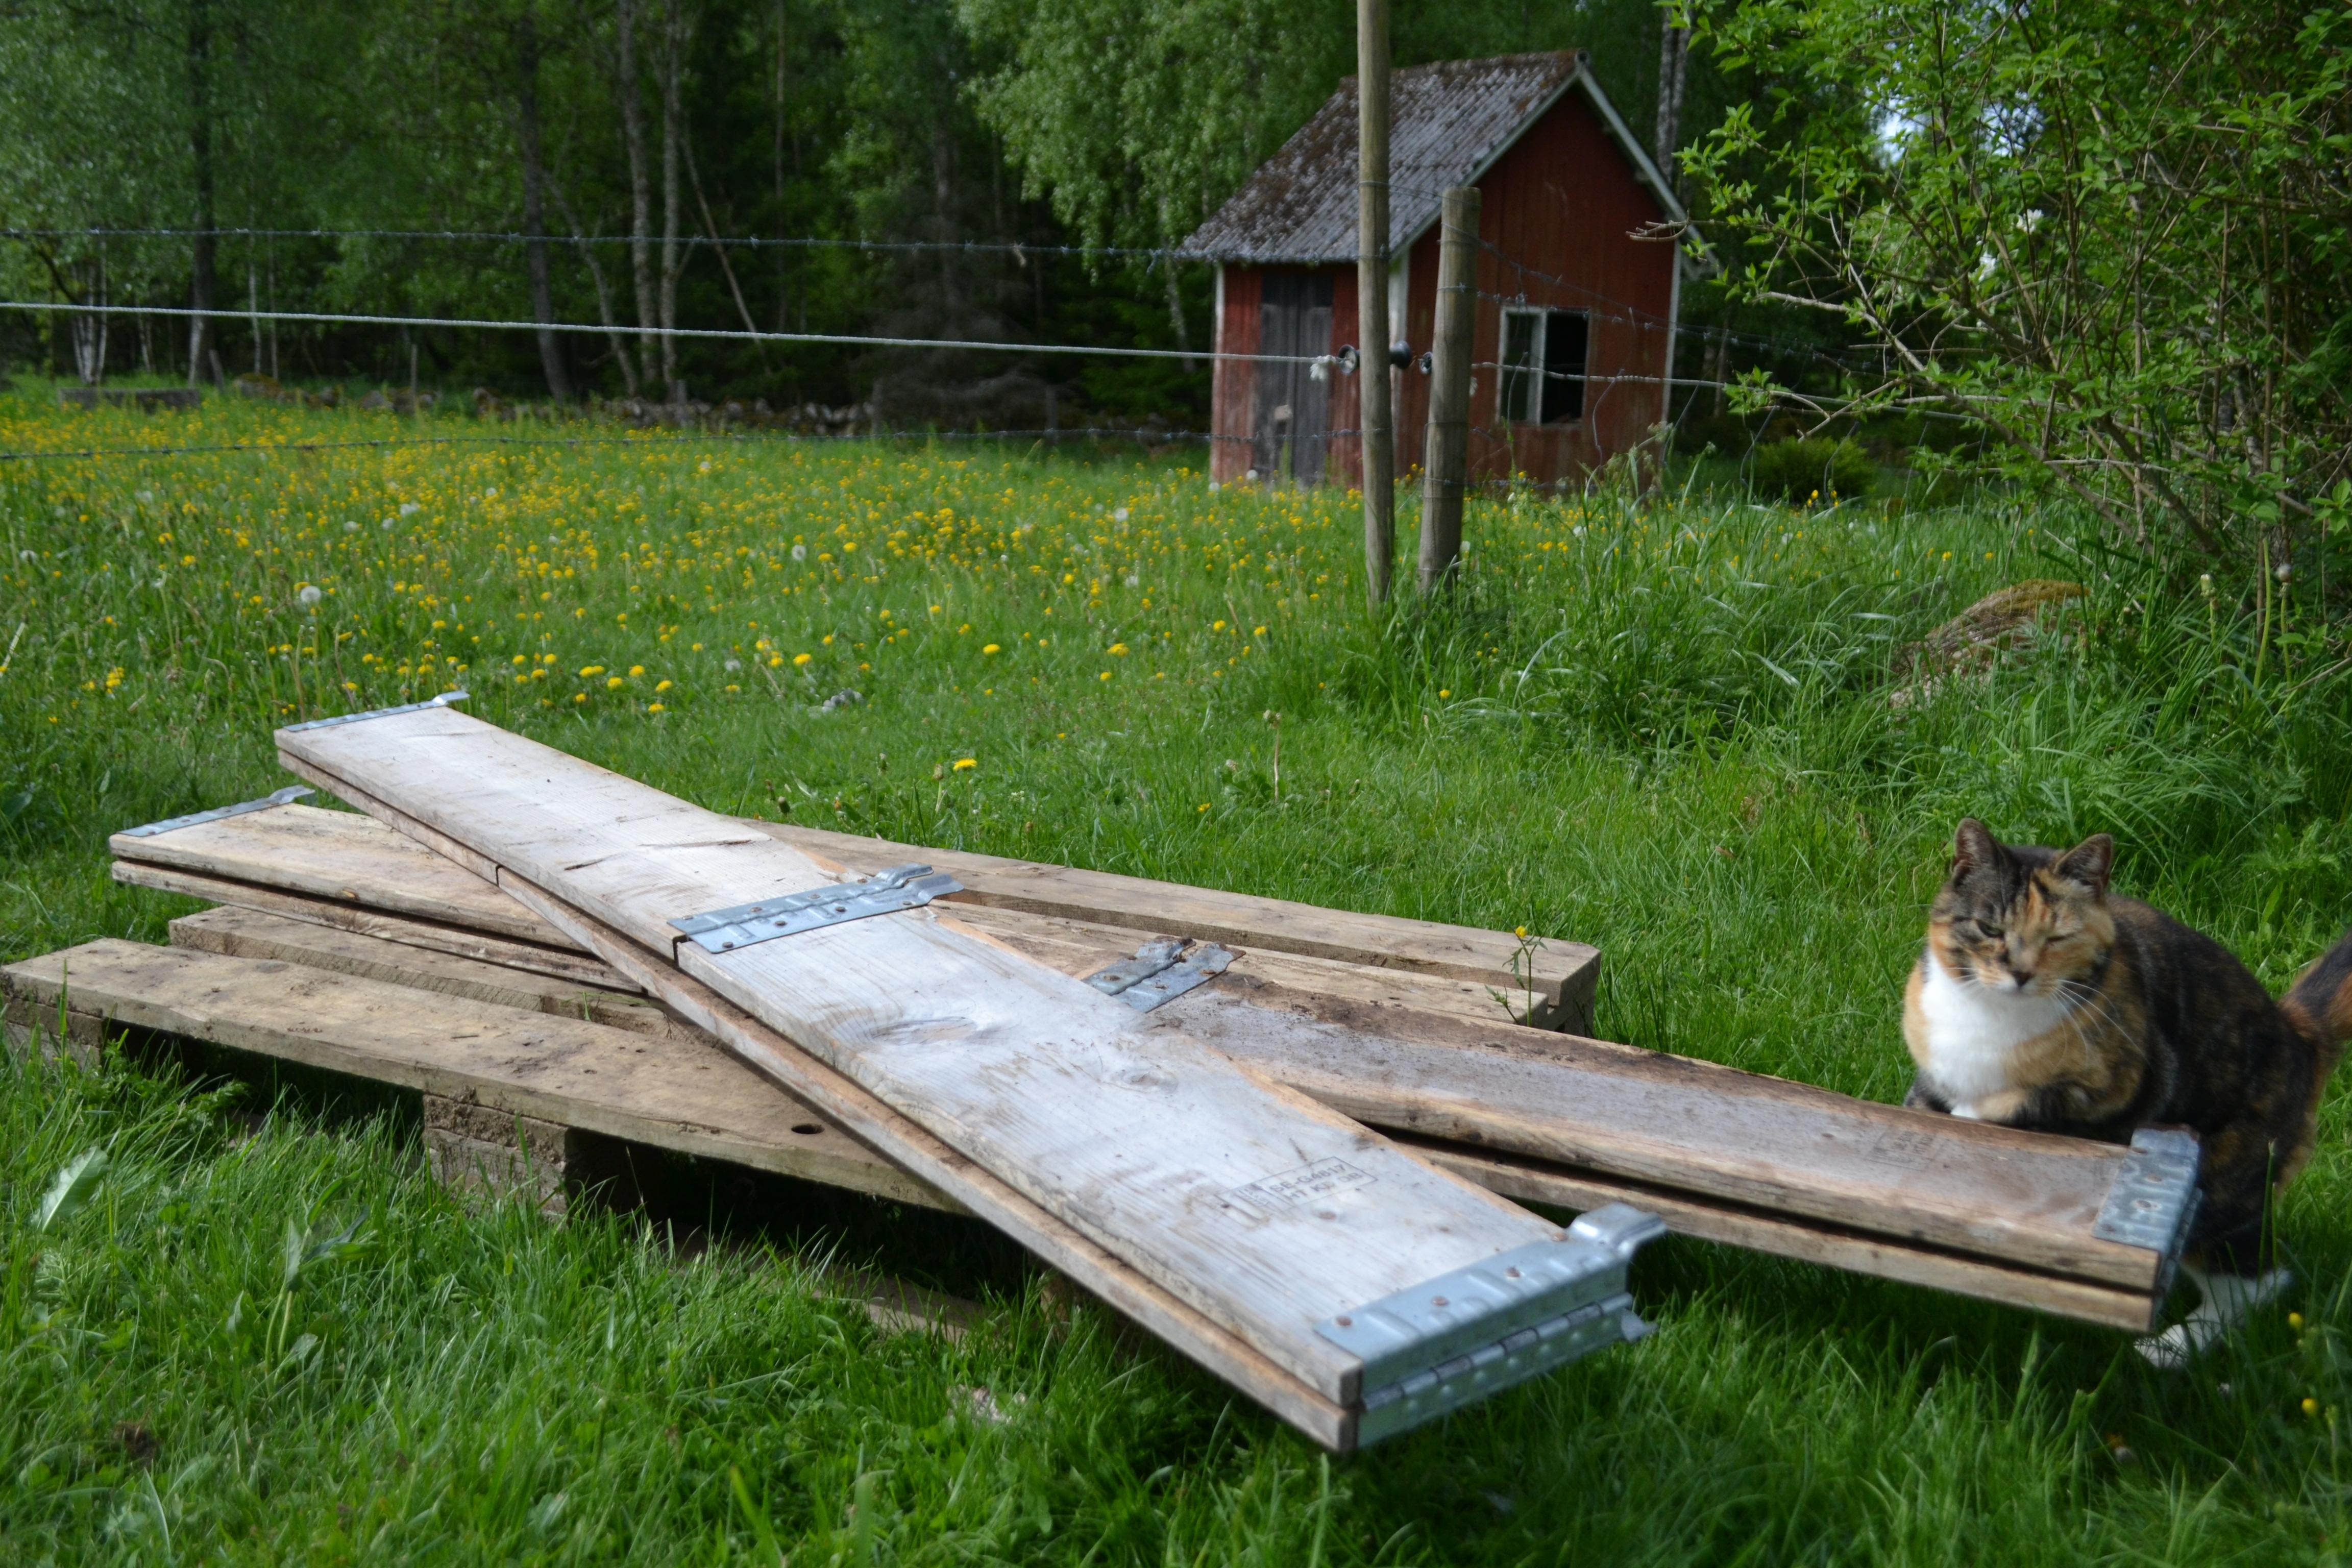 En lastpall med två ihopvikta pallkragar och en katt ovanpå. Pallet collars, two folded pallet collars with cat.